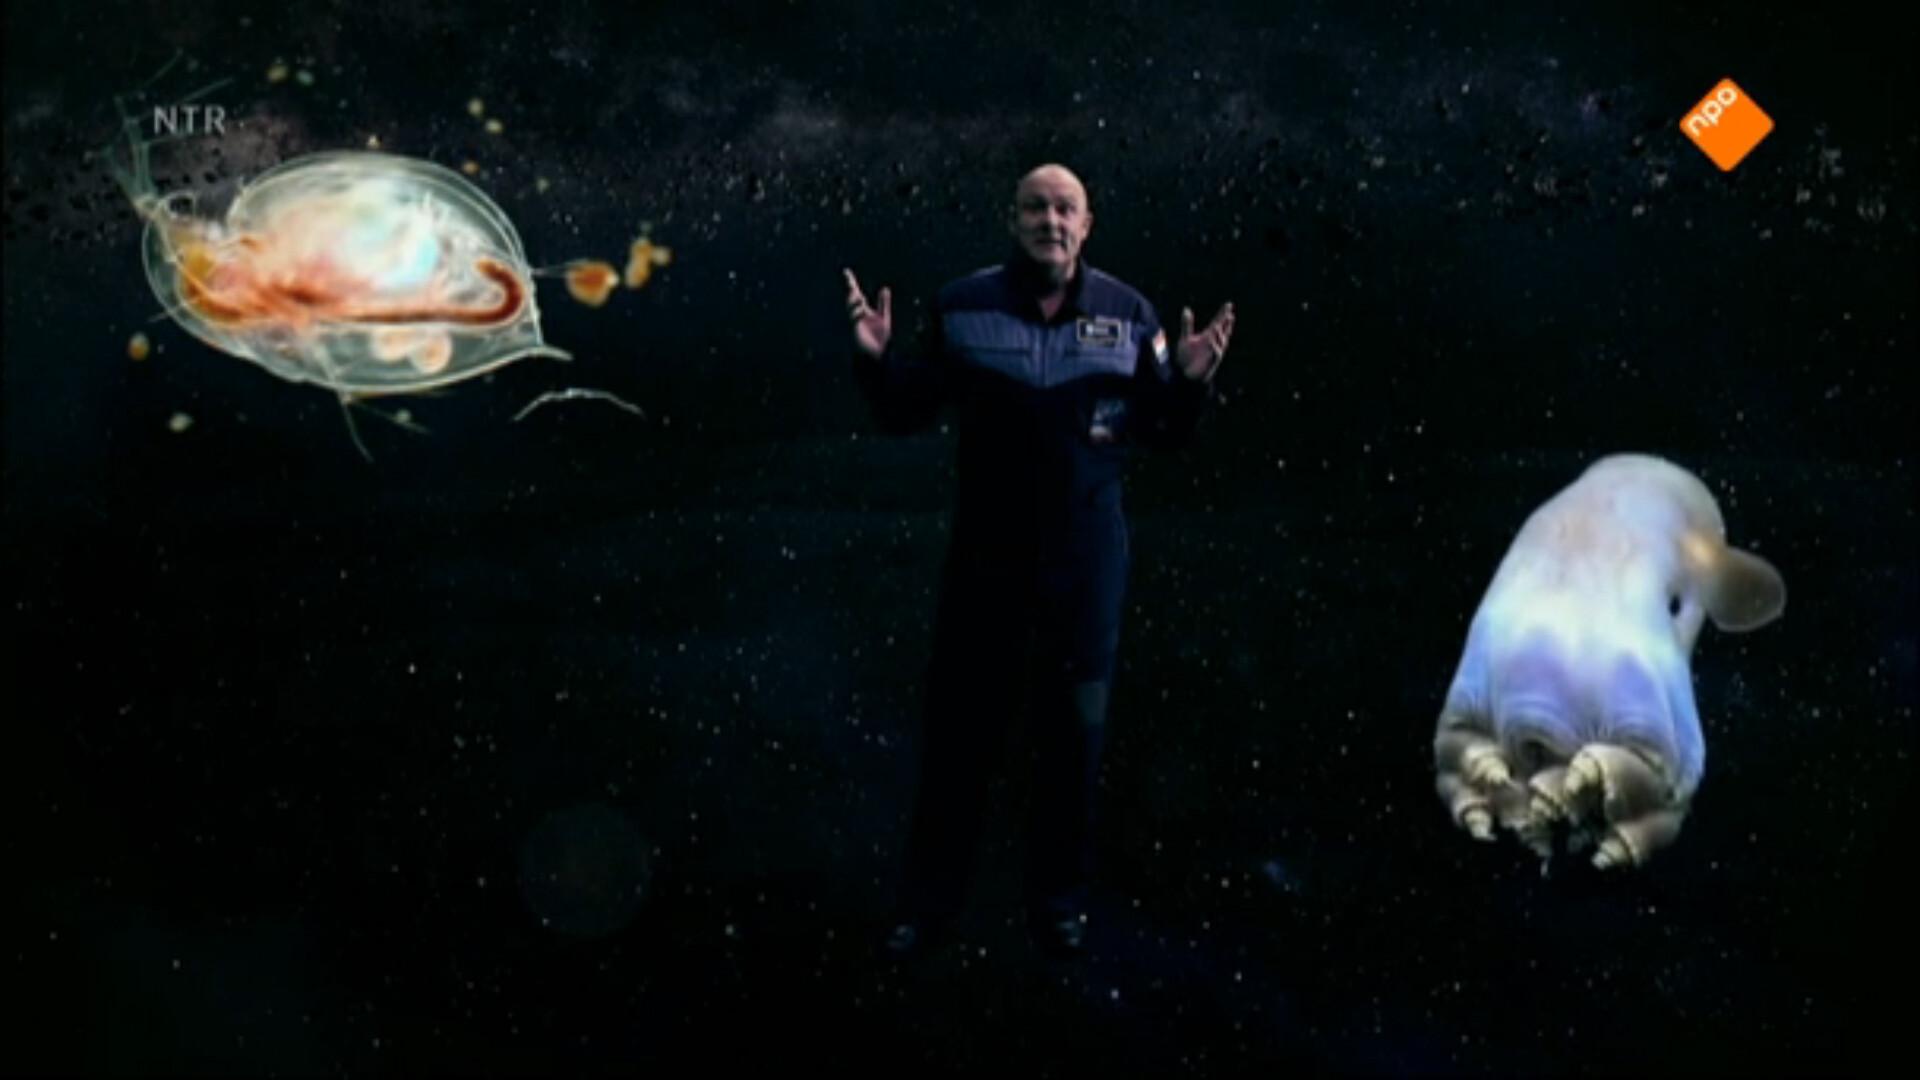 Schooltv ontdek de ruimte met andr kuipers buitenaards leven - Hoe hij zijn teen ruimte organiseren ...